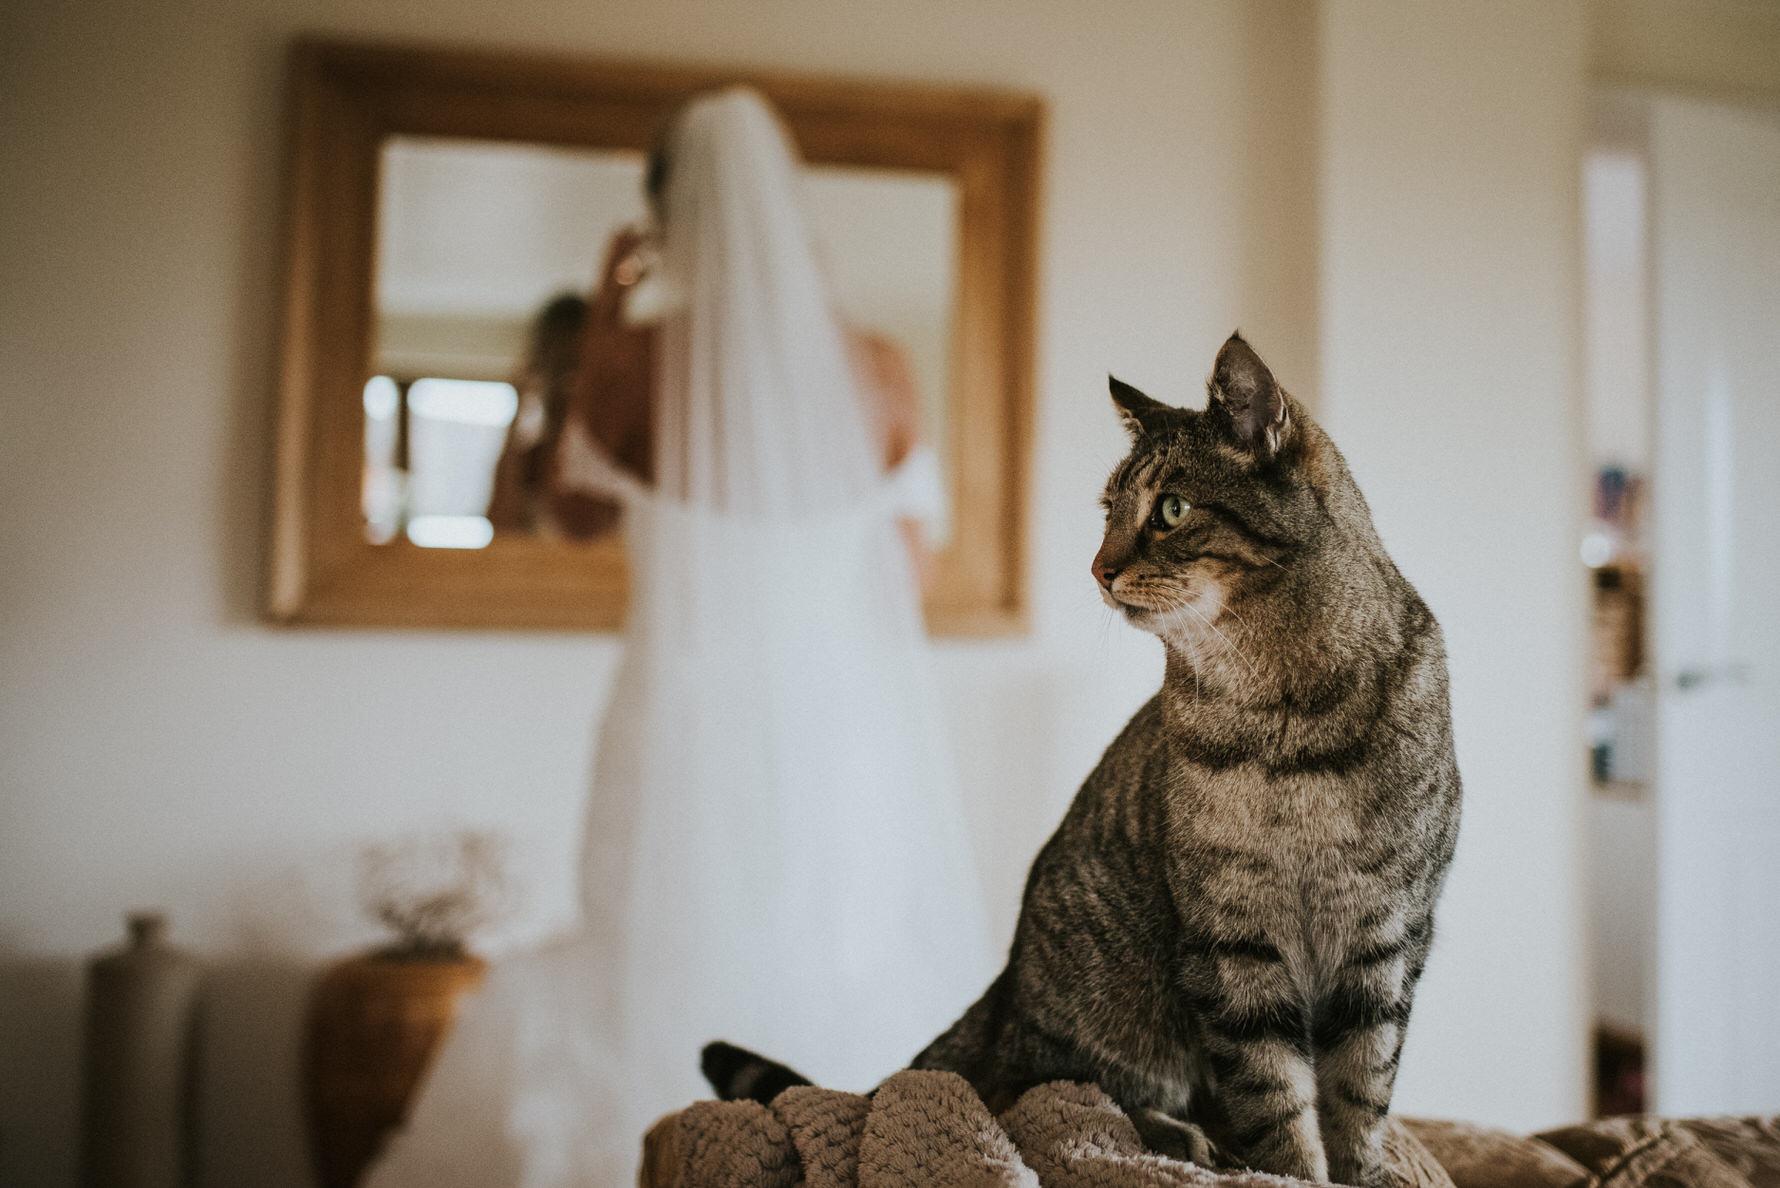 Cheshire Wedding Photojournalism - Cat watching the bride